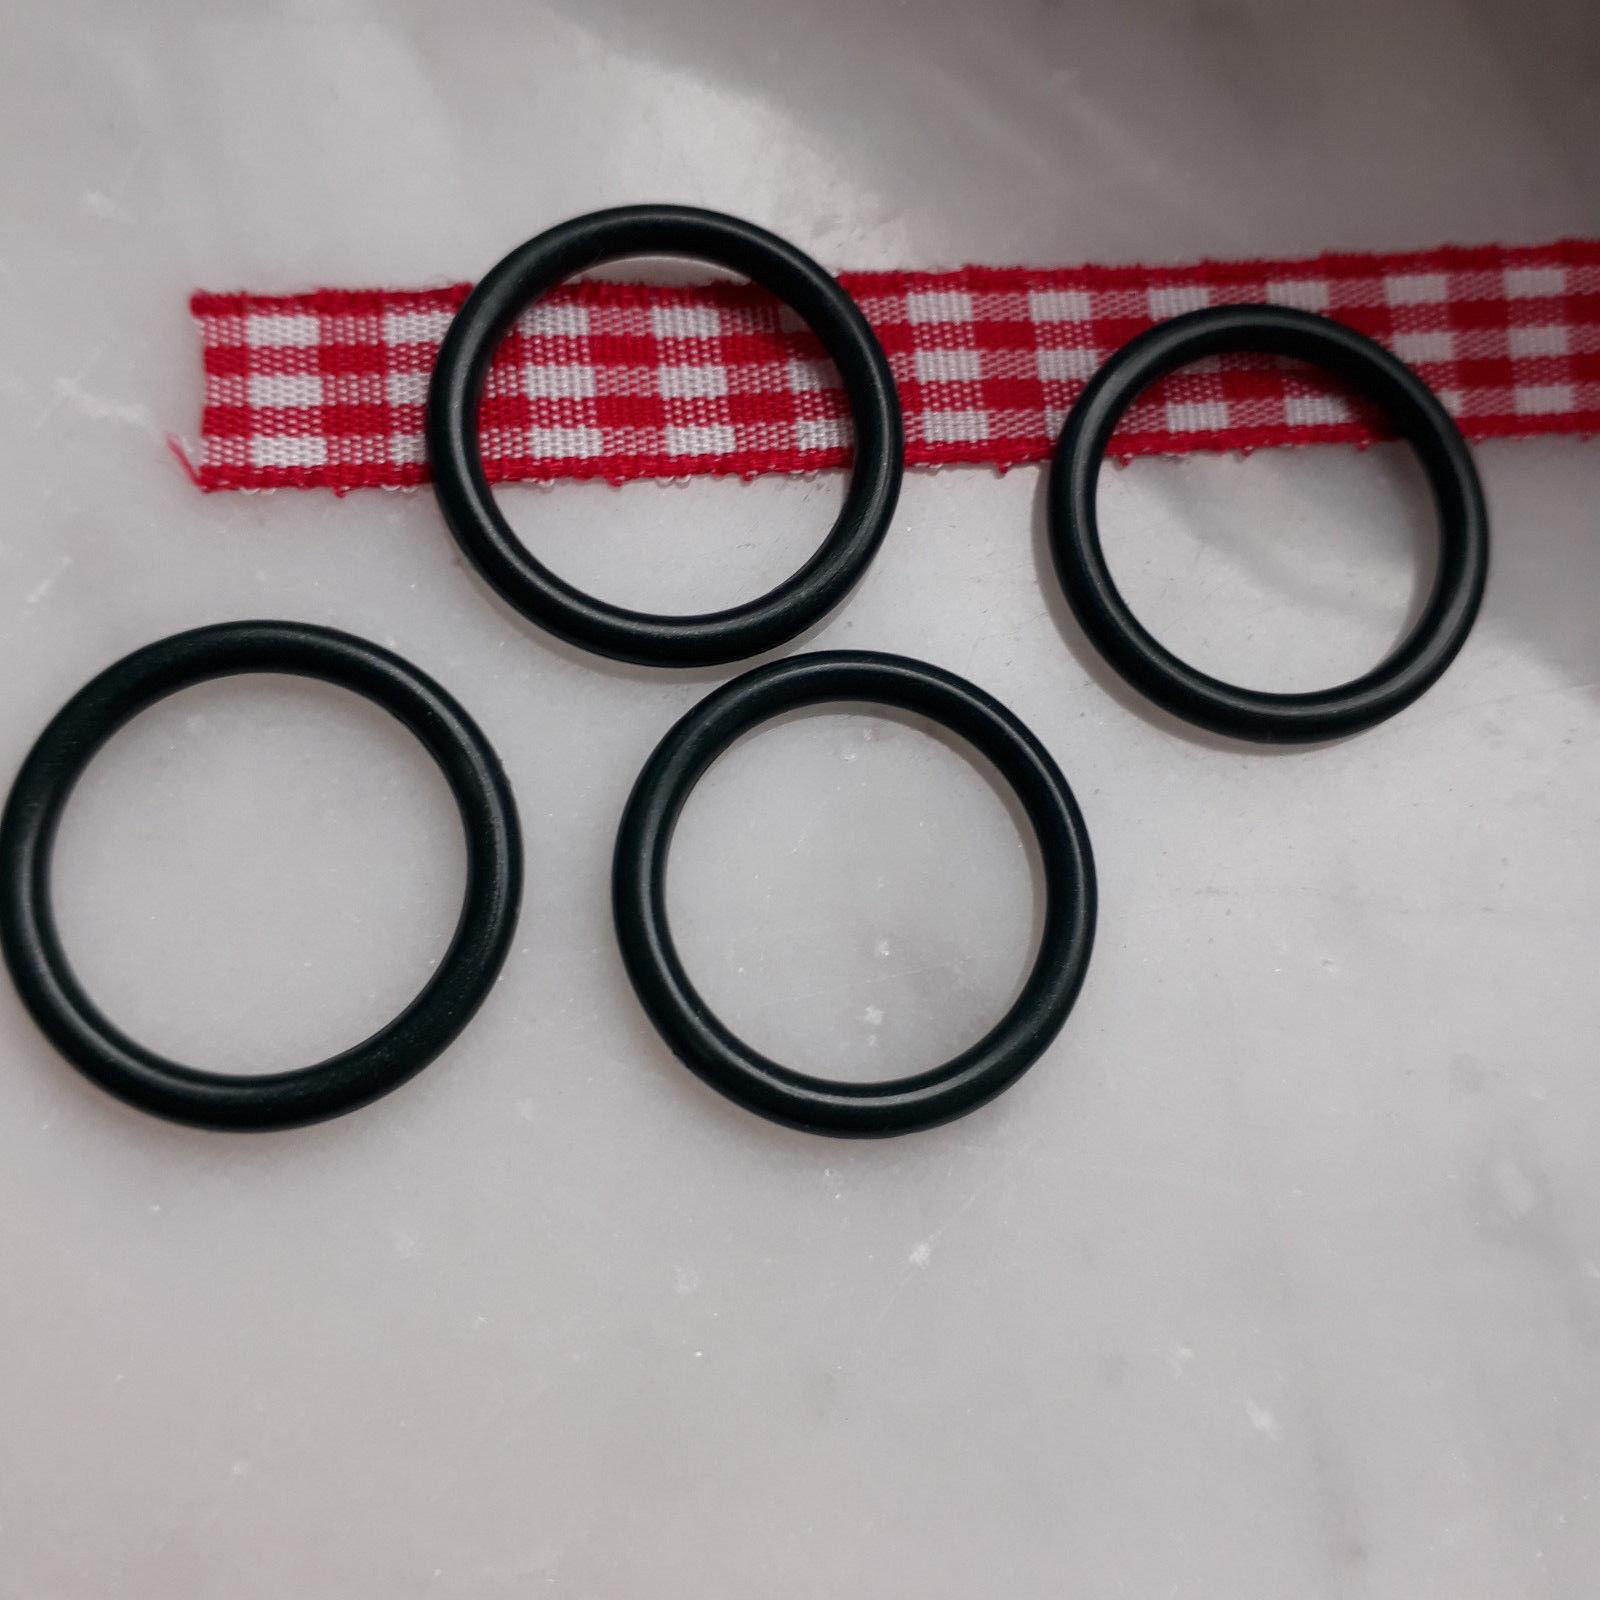 4 Kunststoffringe transparent oder bunt für Wäsche, Top- oder BH-Träger, Basteln